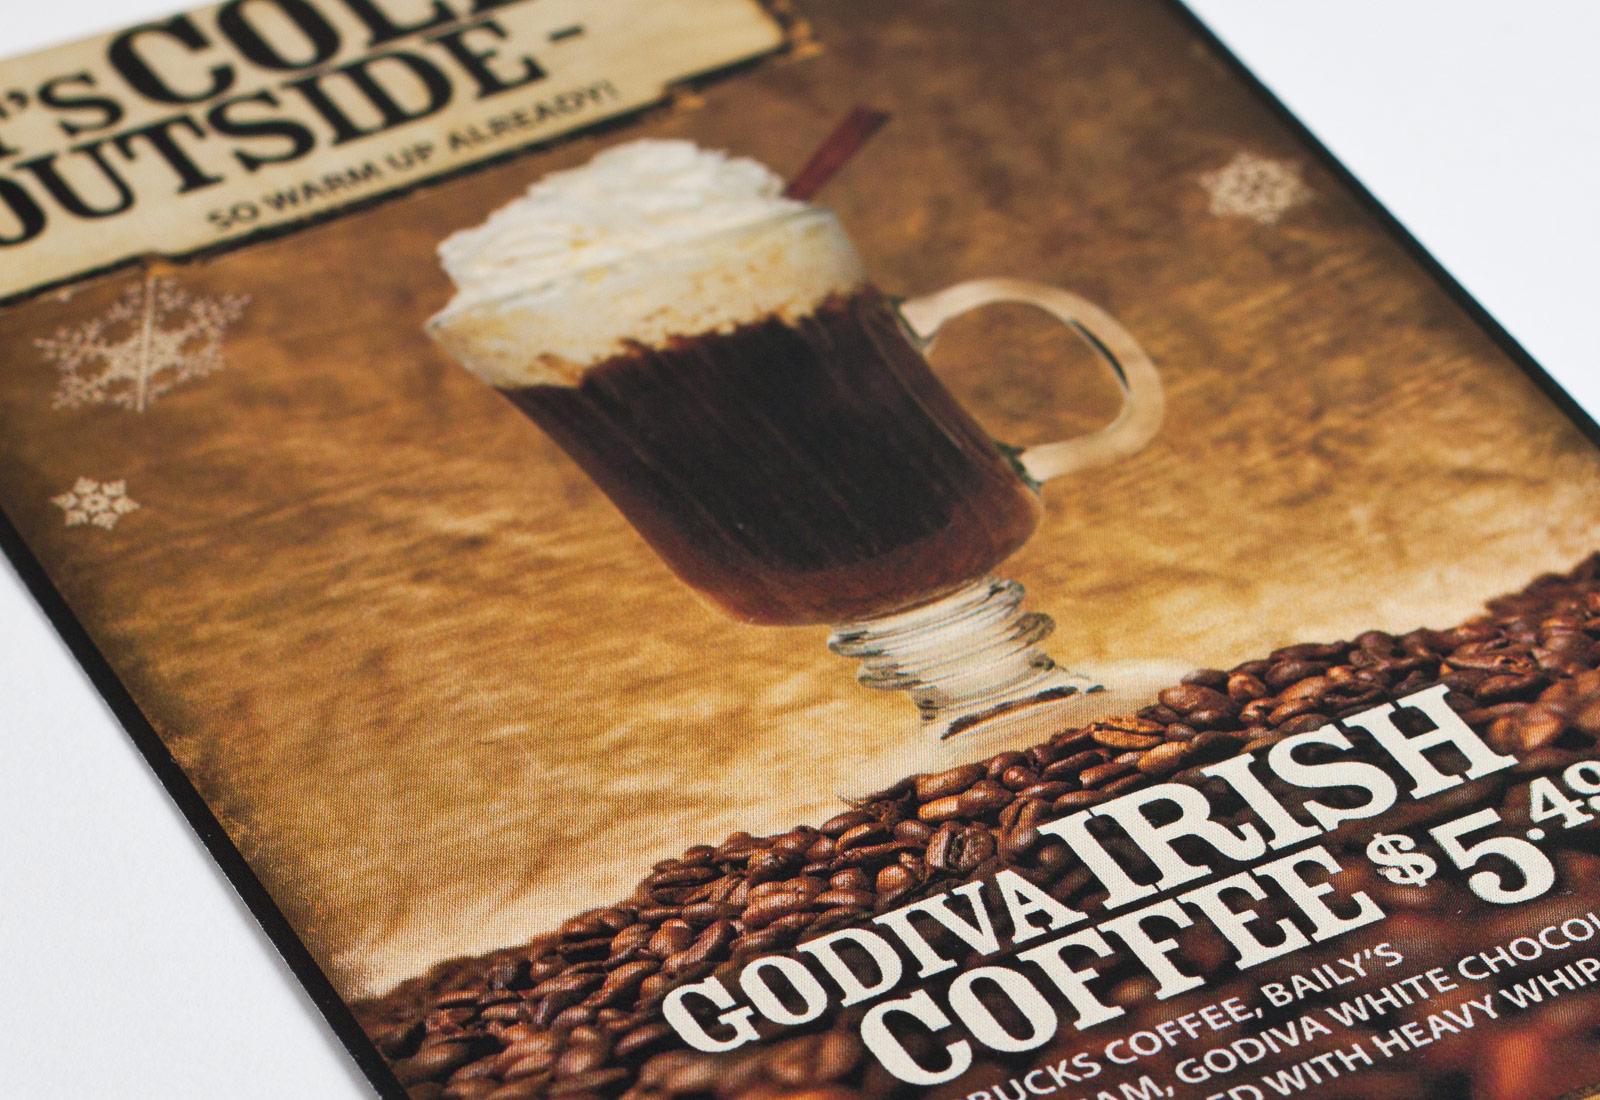 Hideout Steakhouse Godiva Irish Coffee Table Tent